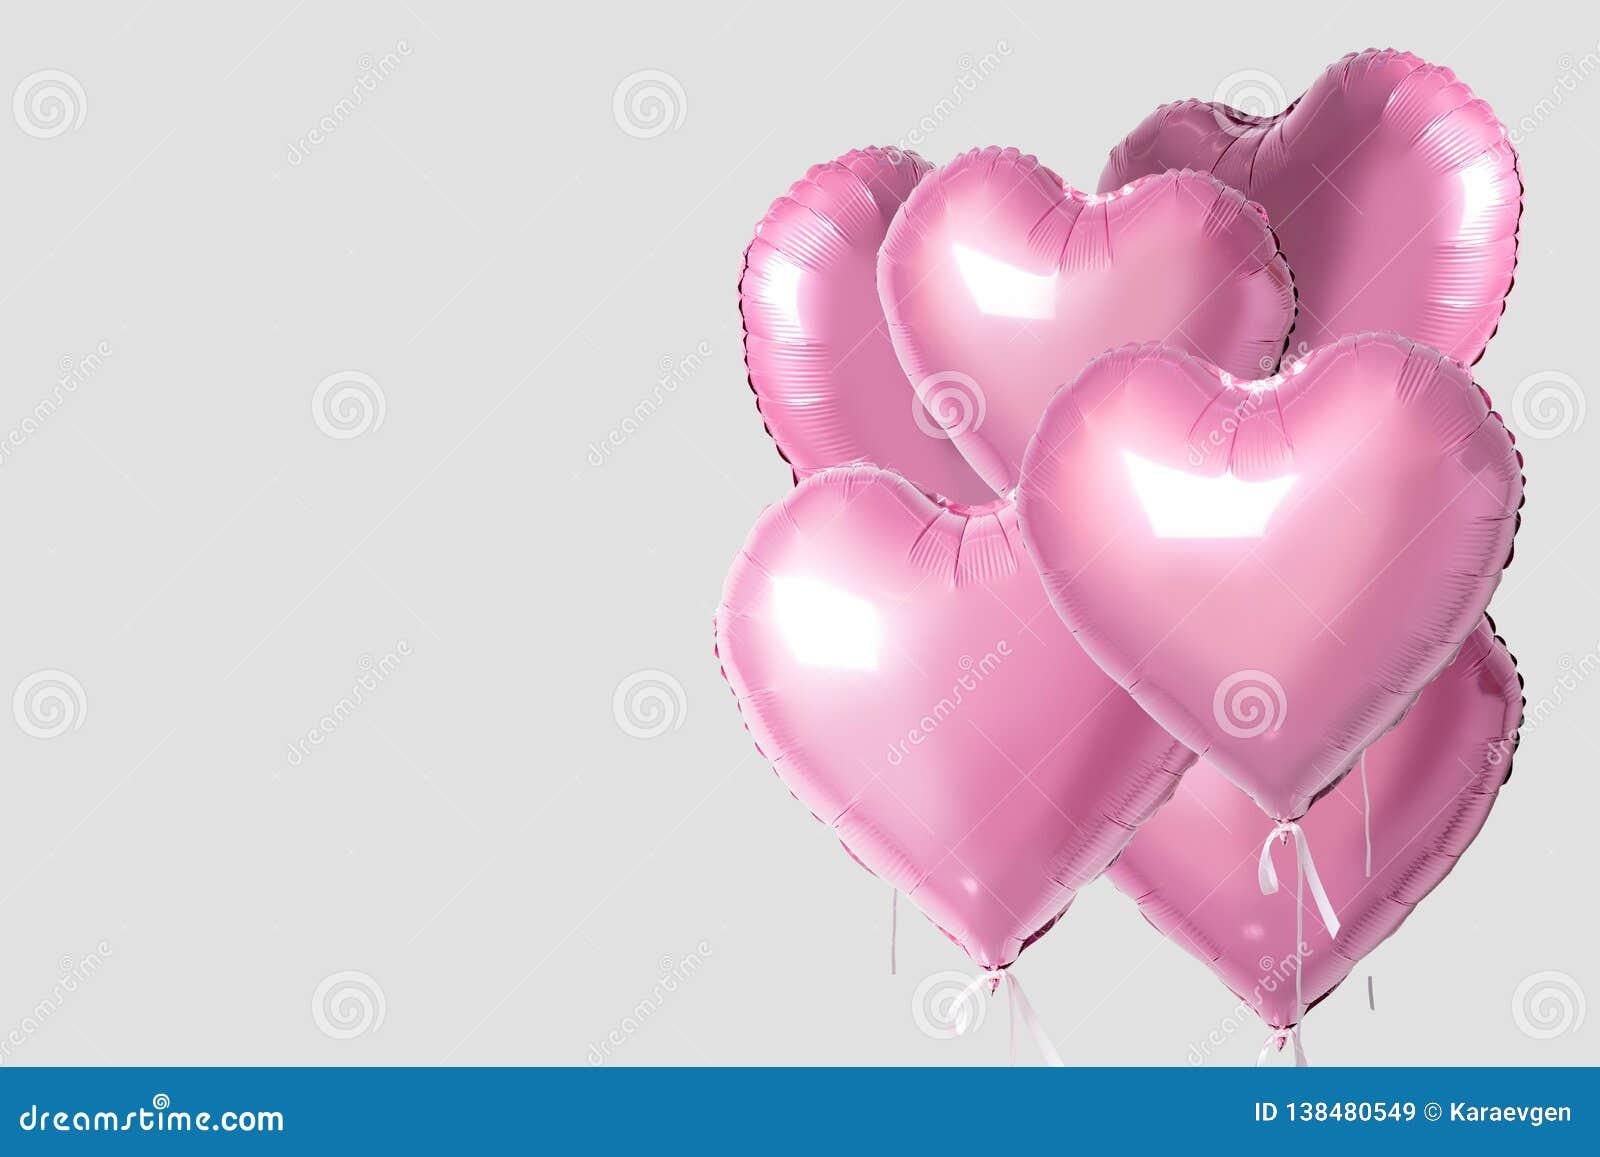 Gruppen av rosa färghjärta formade folieballonger som isolerades på ljus bakgrund Minsta förälskelsebegrepp